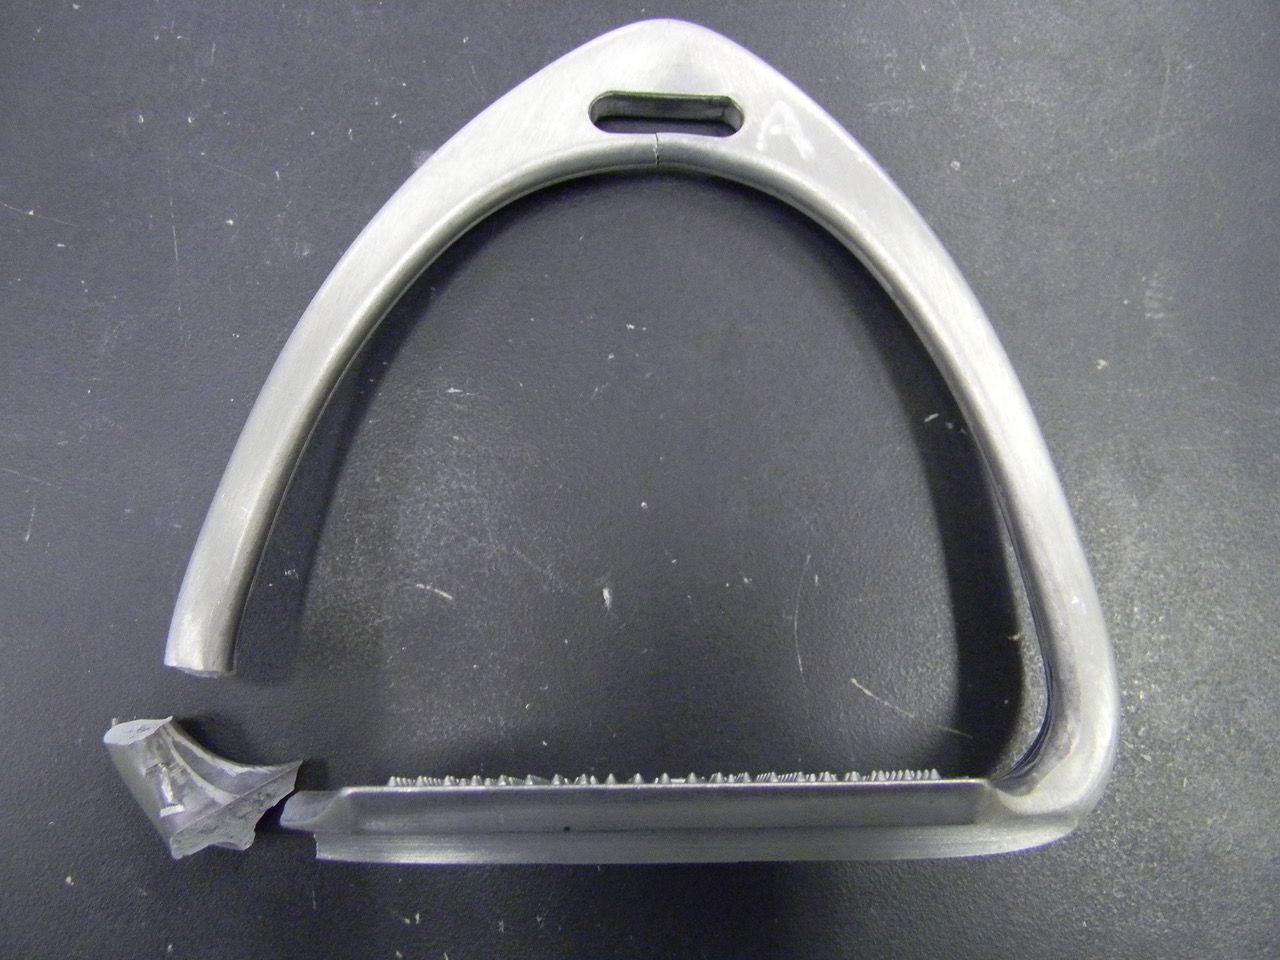 これもアルミ製だが、数値は10.0kNと、同じアルミでも形状によって全く強度が異なることが判明。